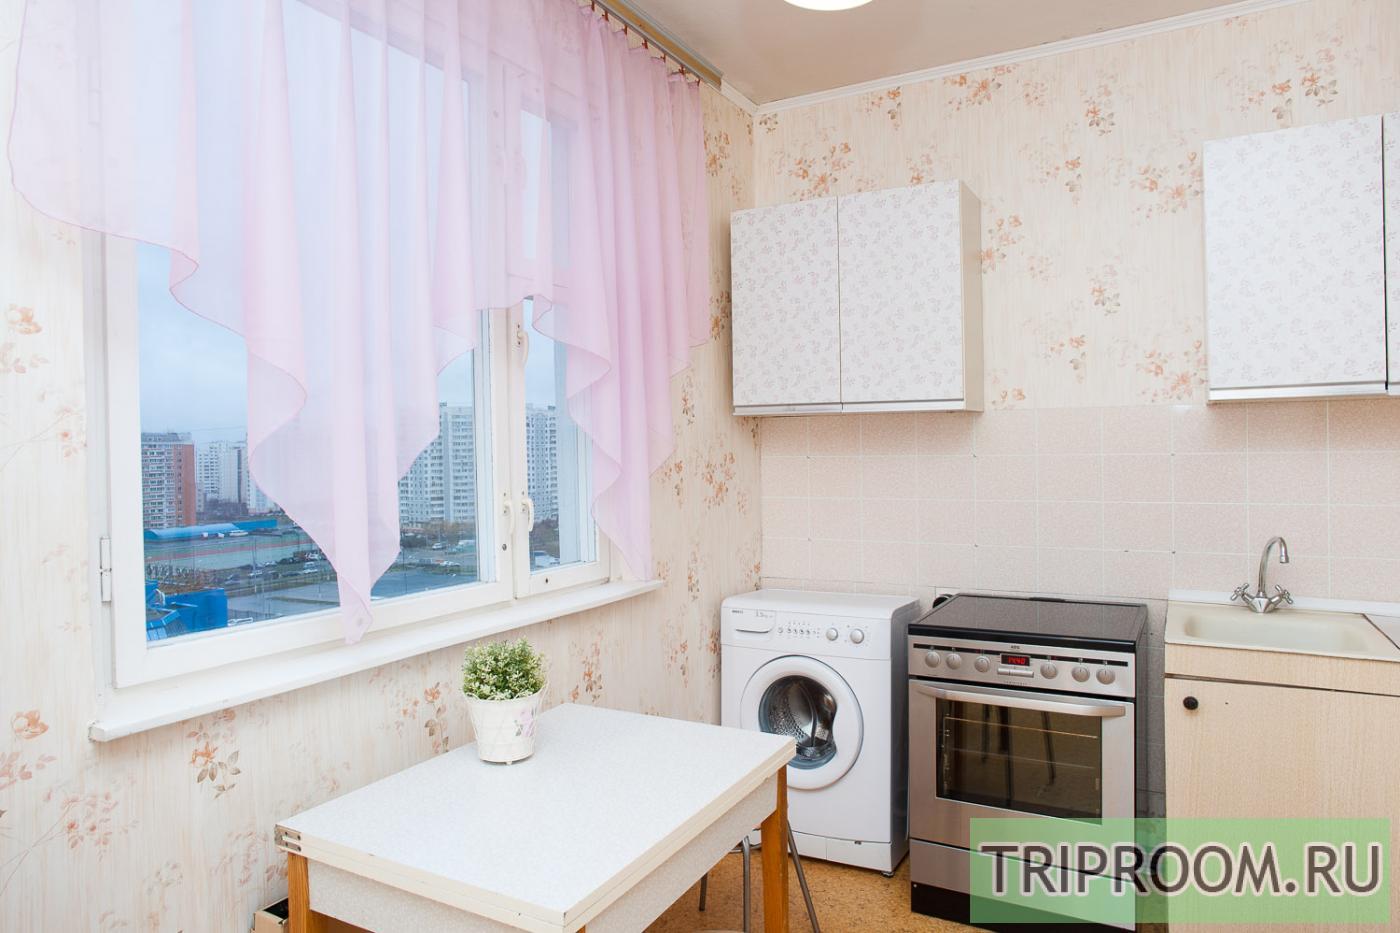 1-комнатная квартира посуточно (вариант № 14273), ул. Веневская улица, фото № 2